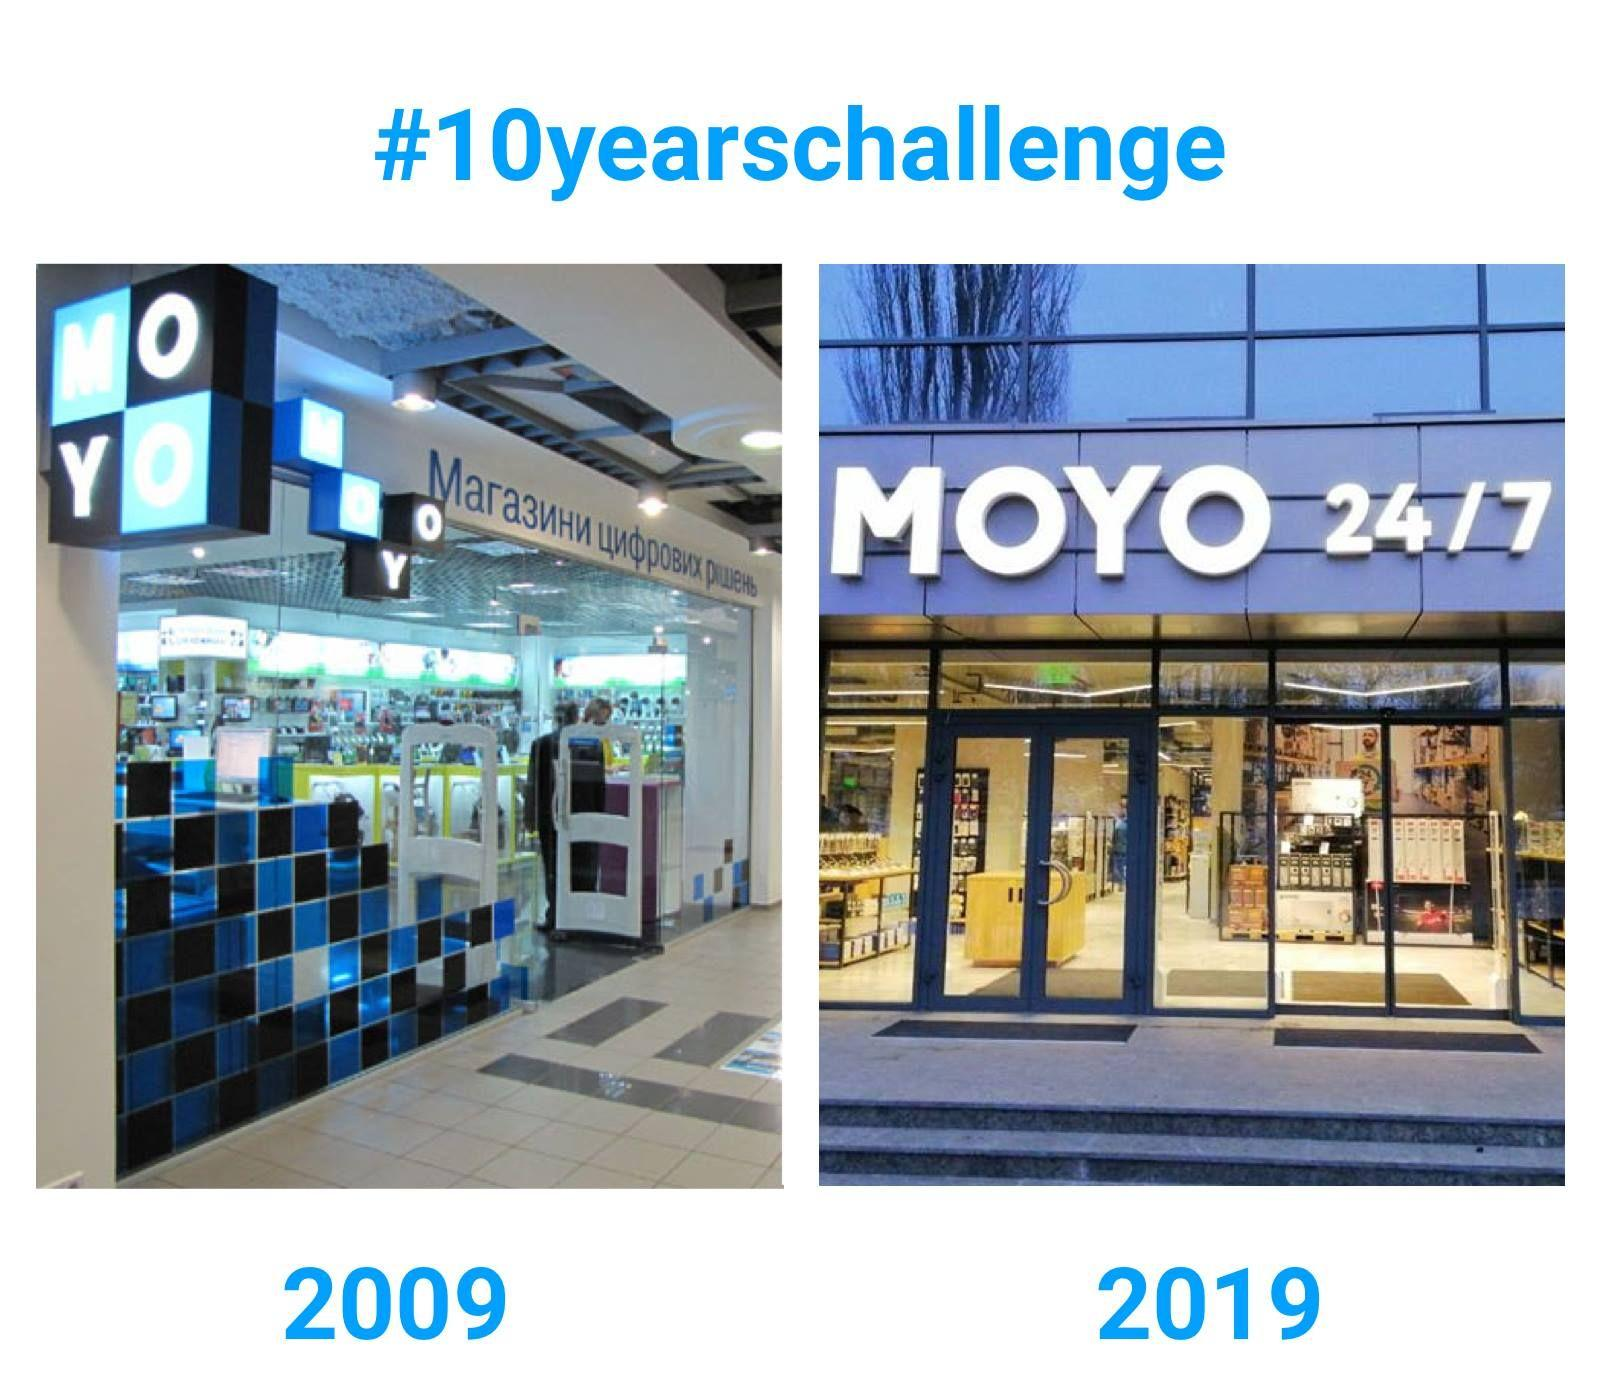 966d624b1 В прошлом году MOYO начала внедрение нового формата, а в конце 2018-го  запустила первый в сети круглосуточный склад-магазин площадью 1500 кв. м,  ...